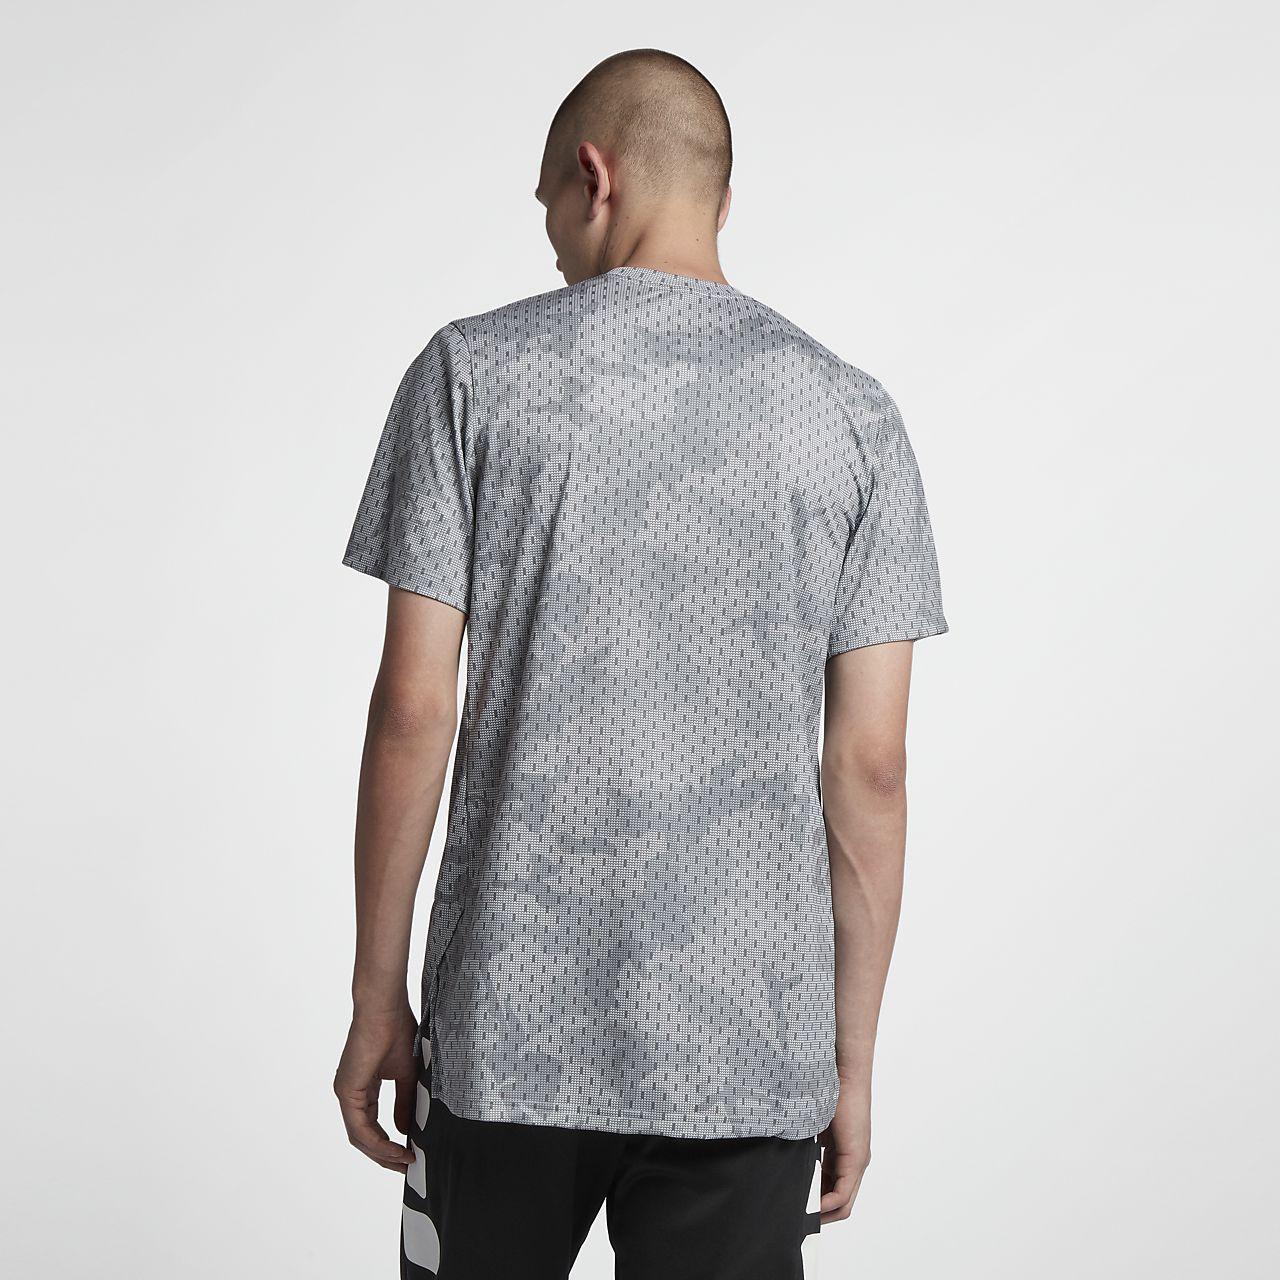 e85b6b3e Nike Dri-FIT Elite Men's Short-Sleeve Basketball Top. Nike.com ZA